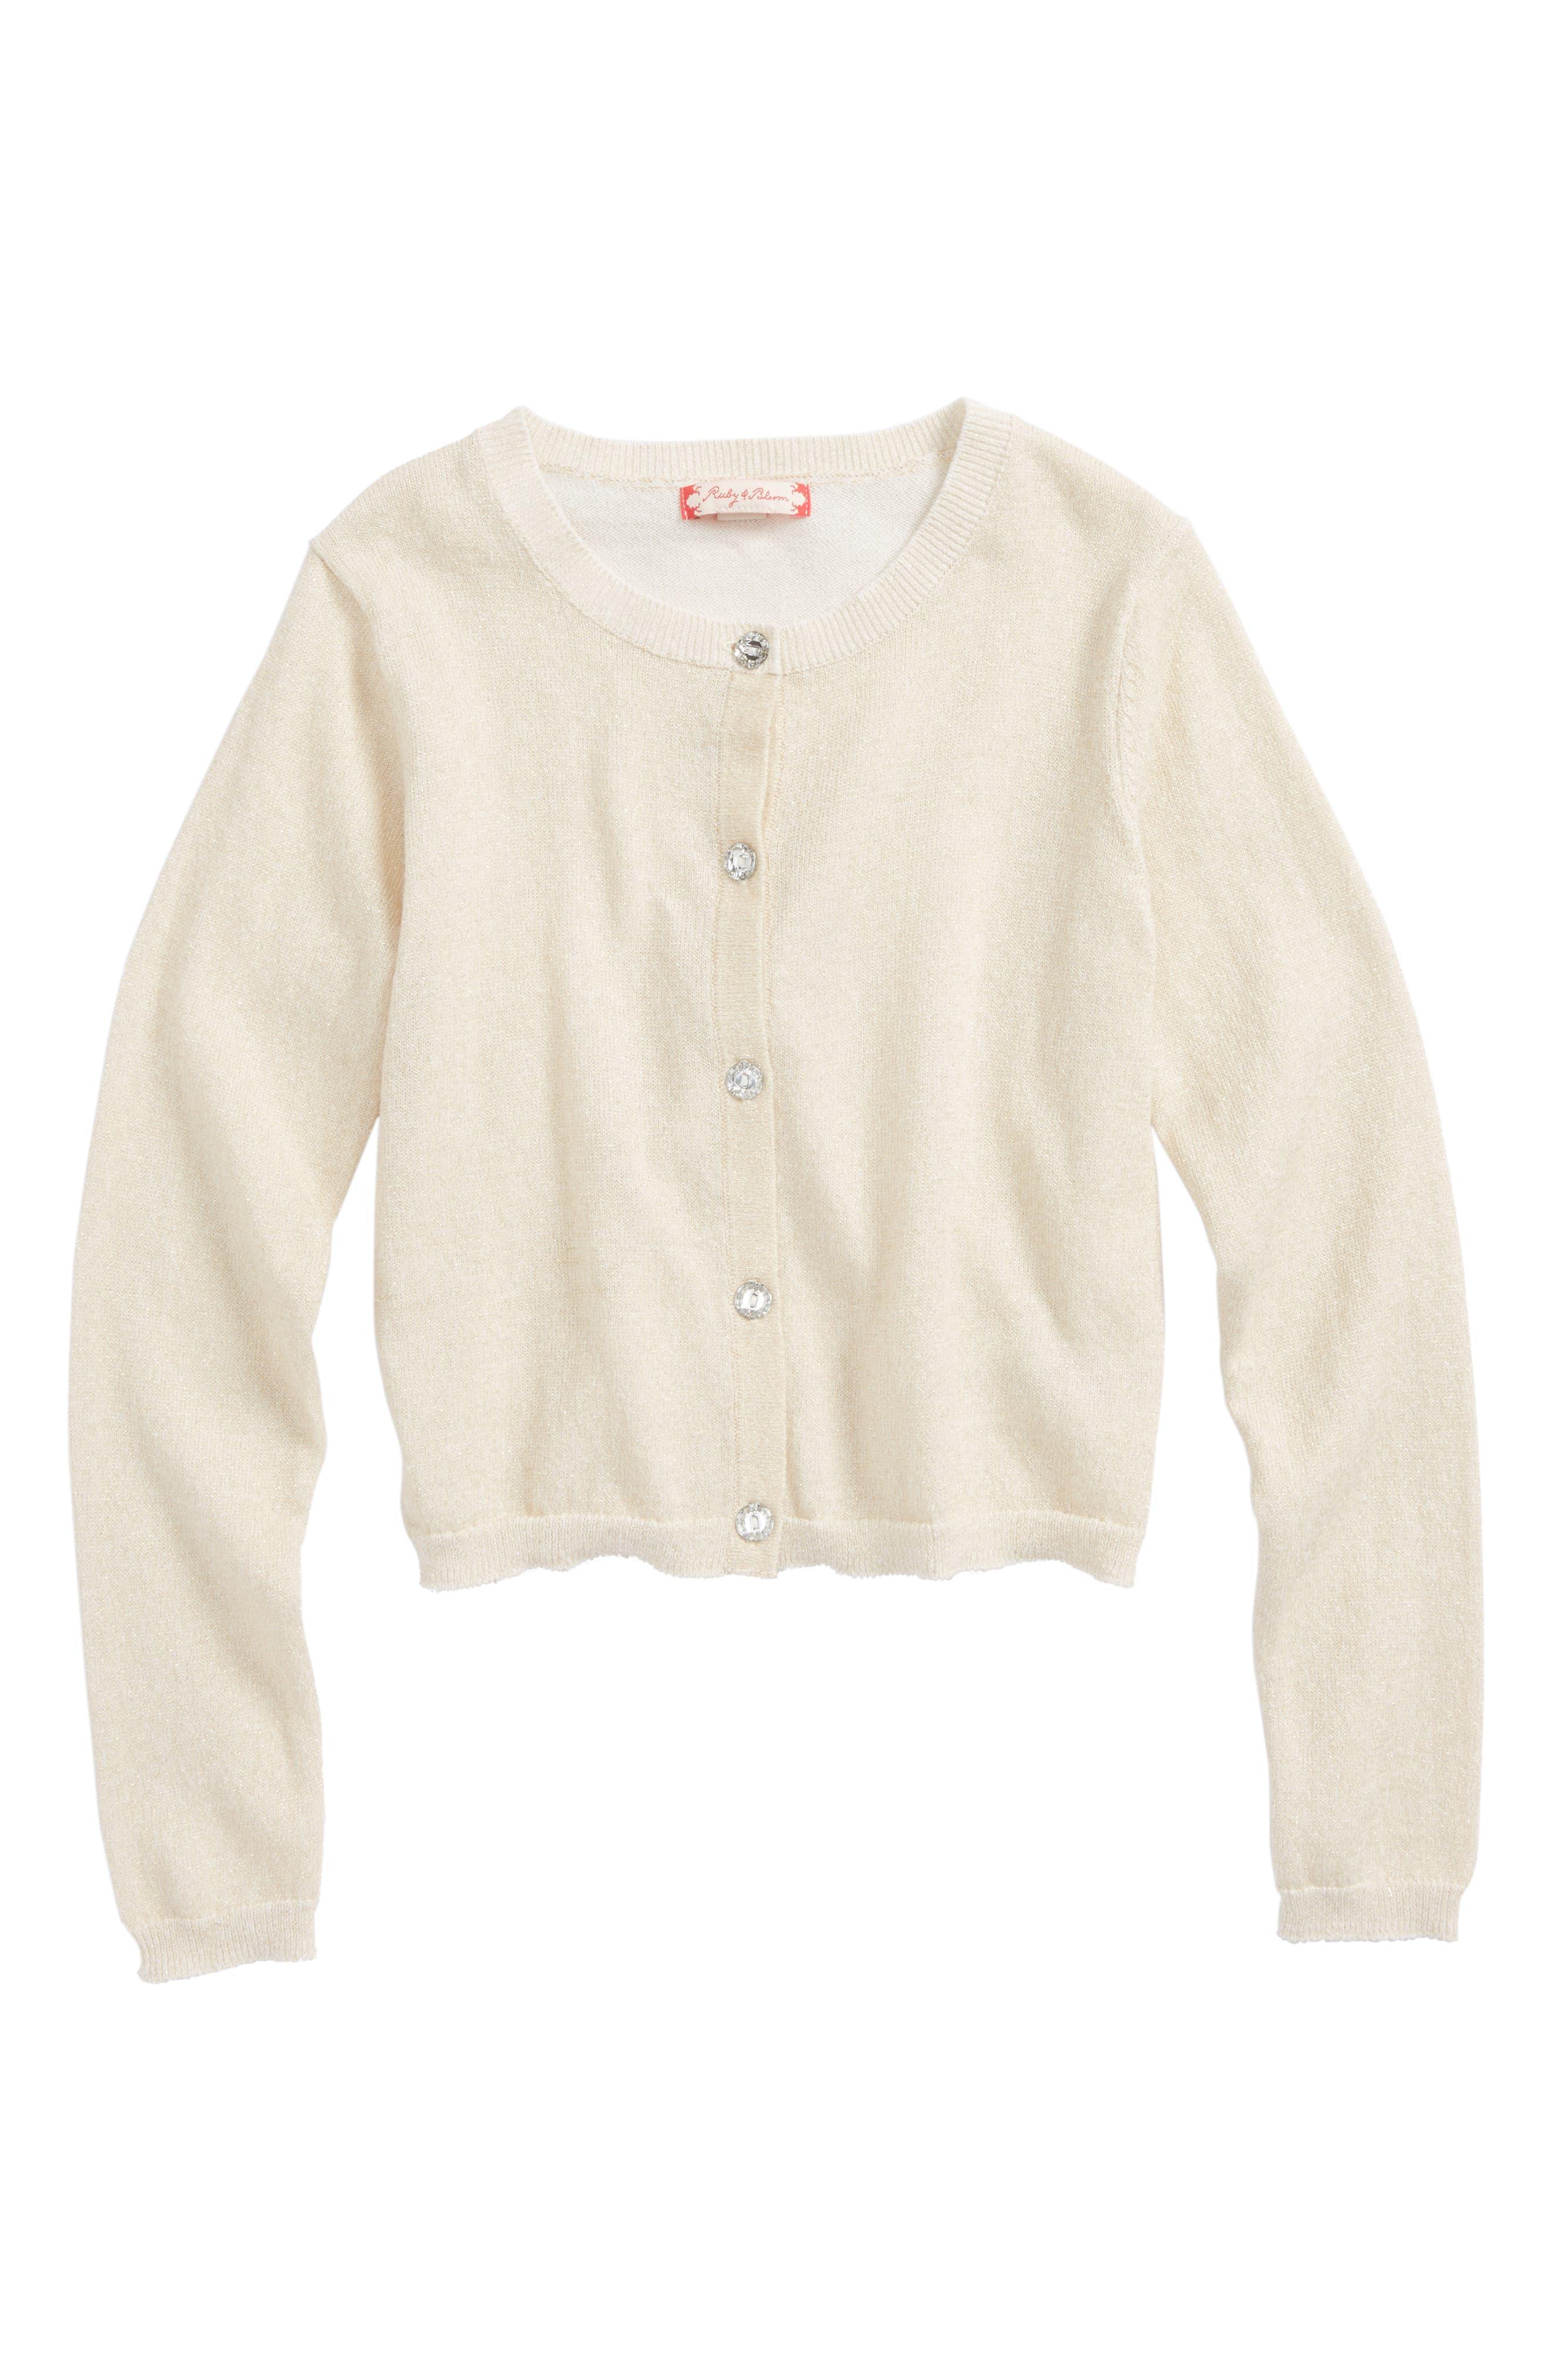 Toddler Girls Ruby  Bloom Shimmer Cardigan Size 3T  Metallic